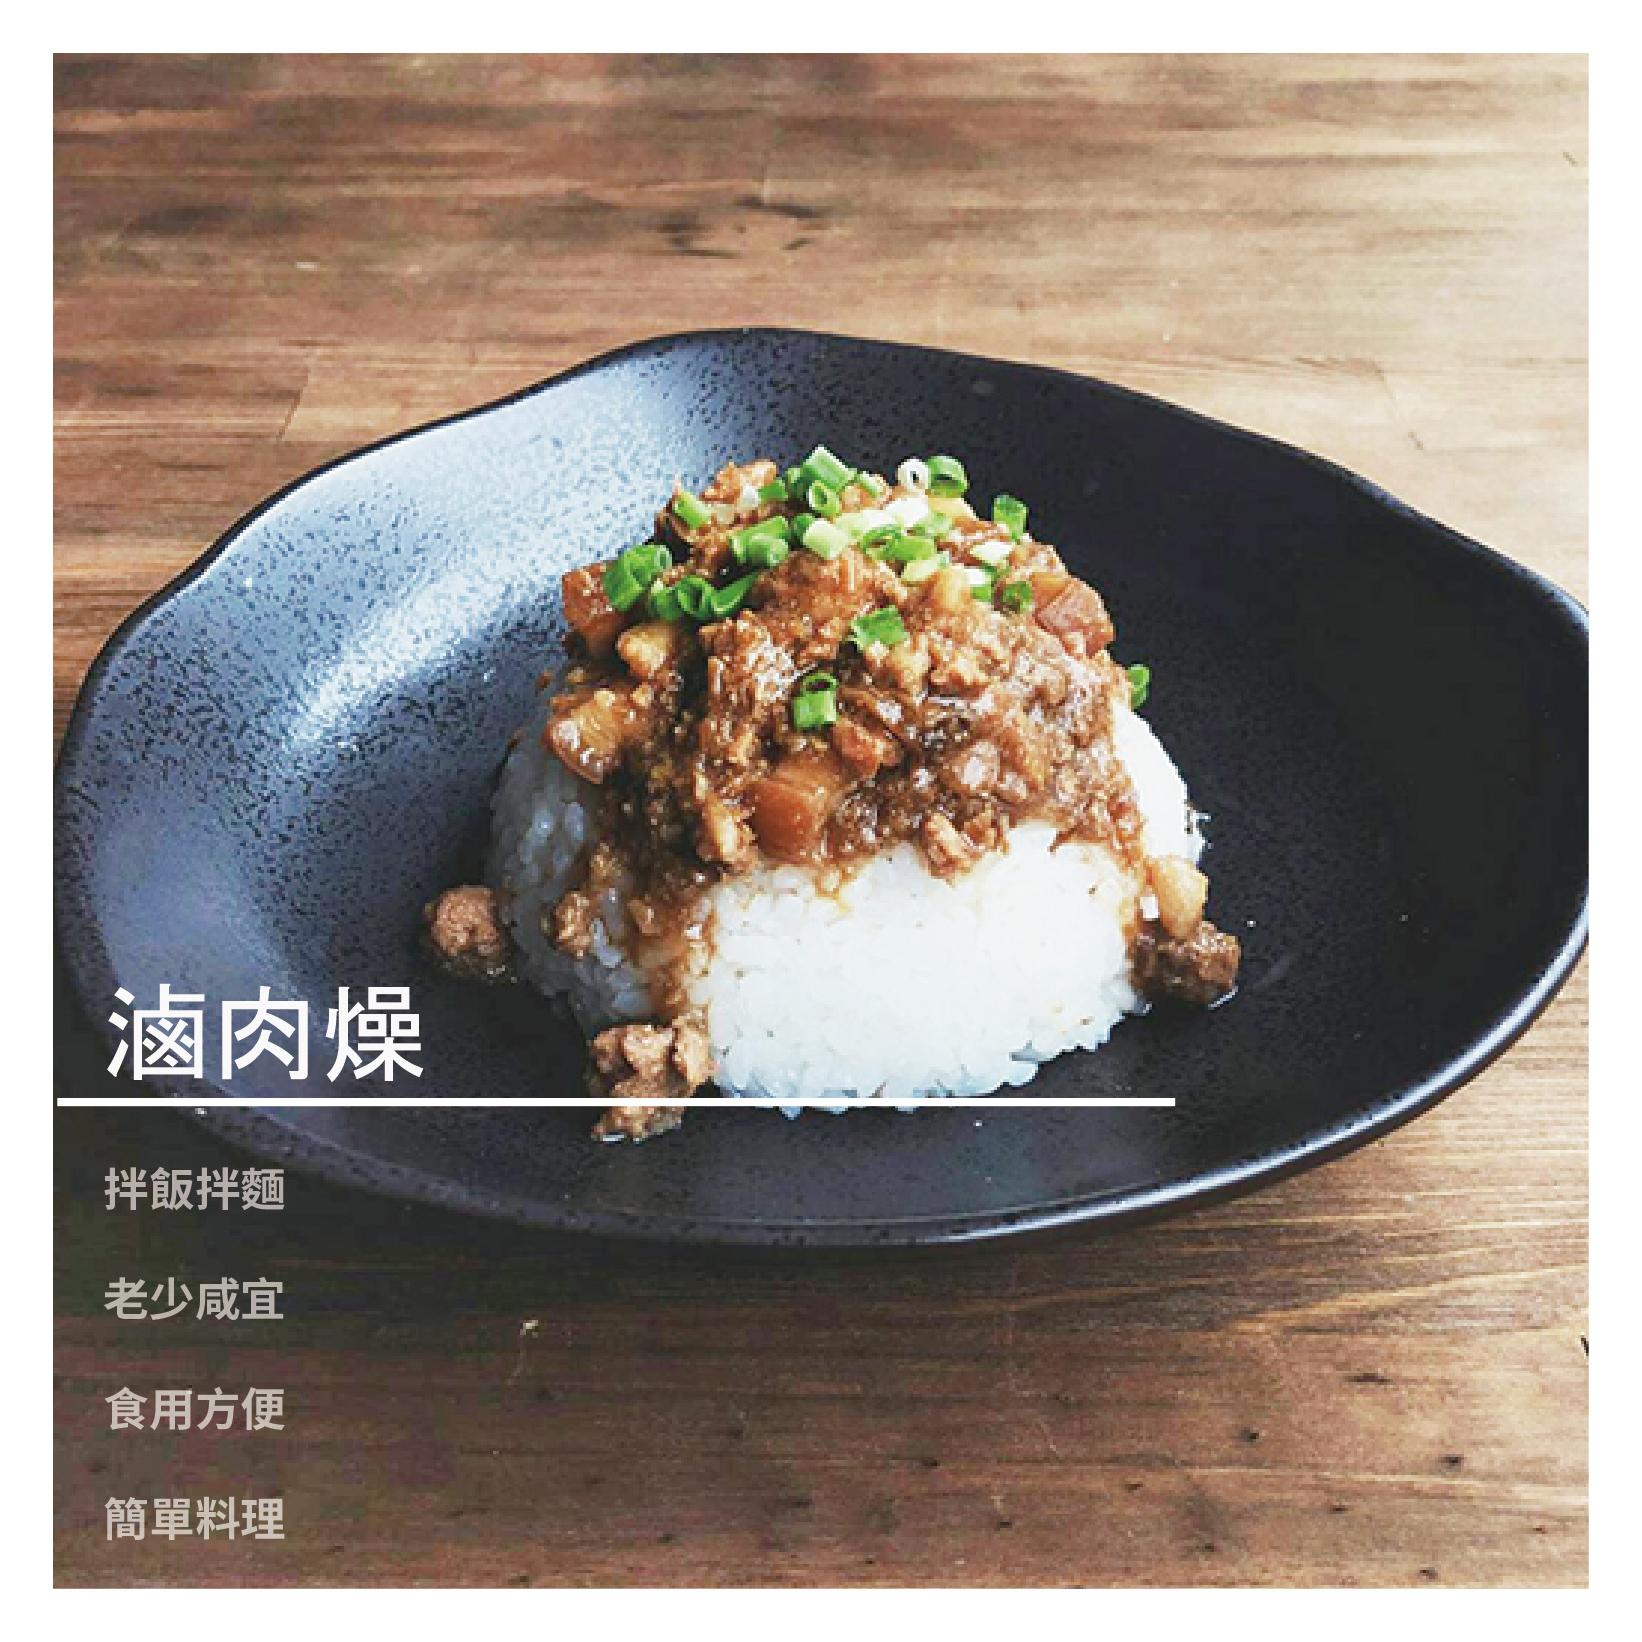 【阿祿師手作即食料理包】滷肉燥 650克